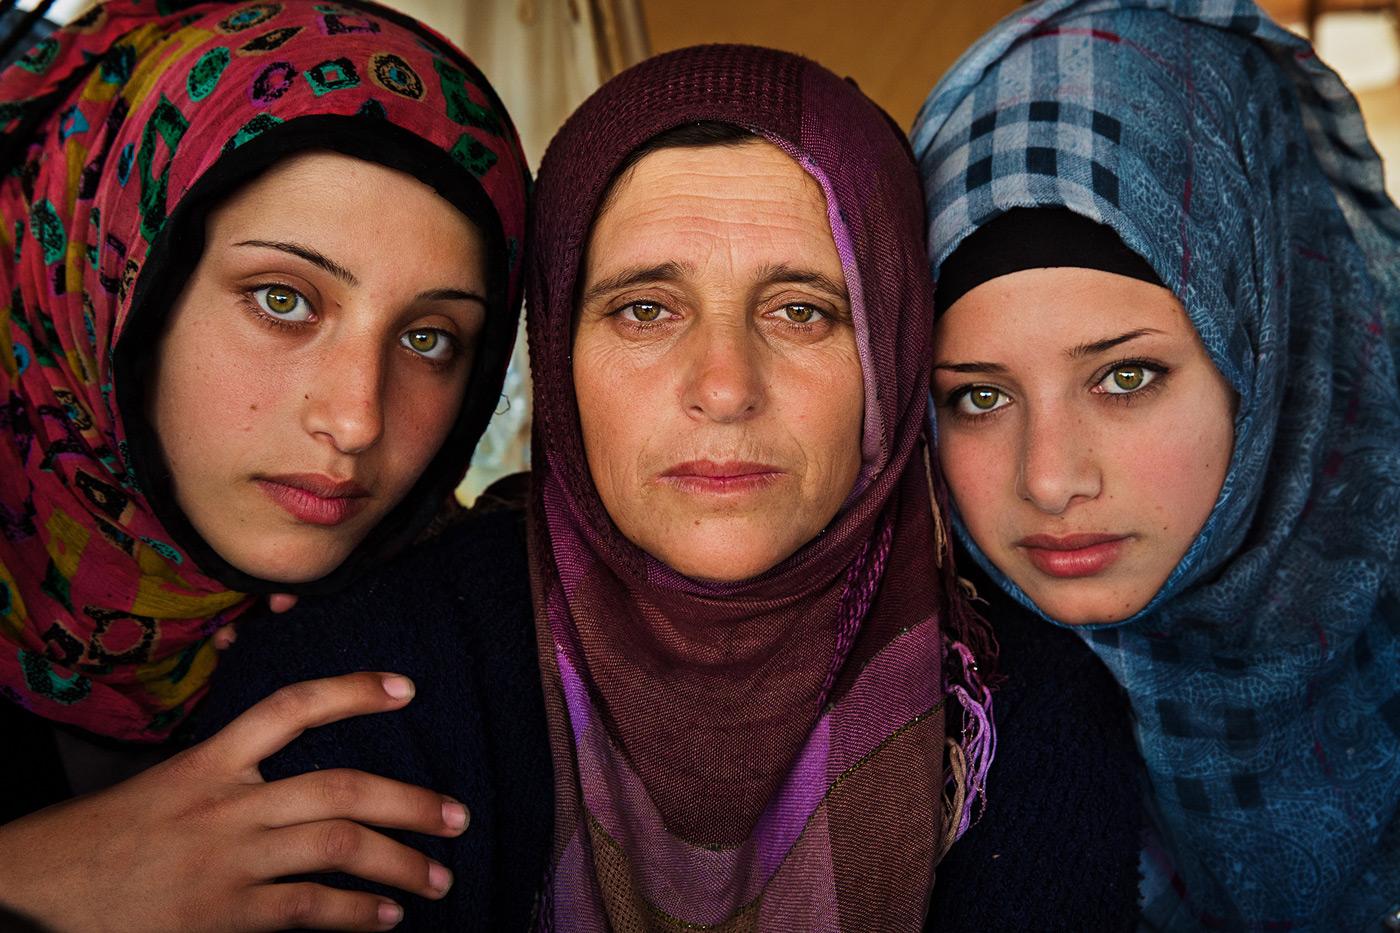 Mutter mit Töchtern im Refugee Camp in Griechenland